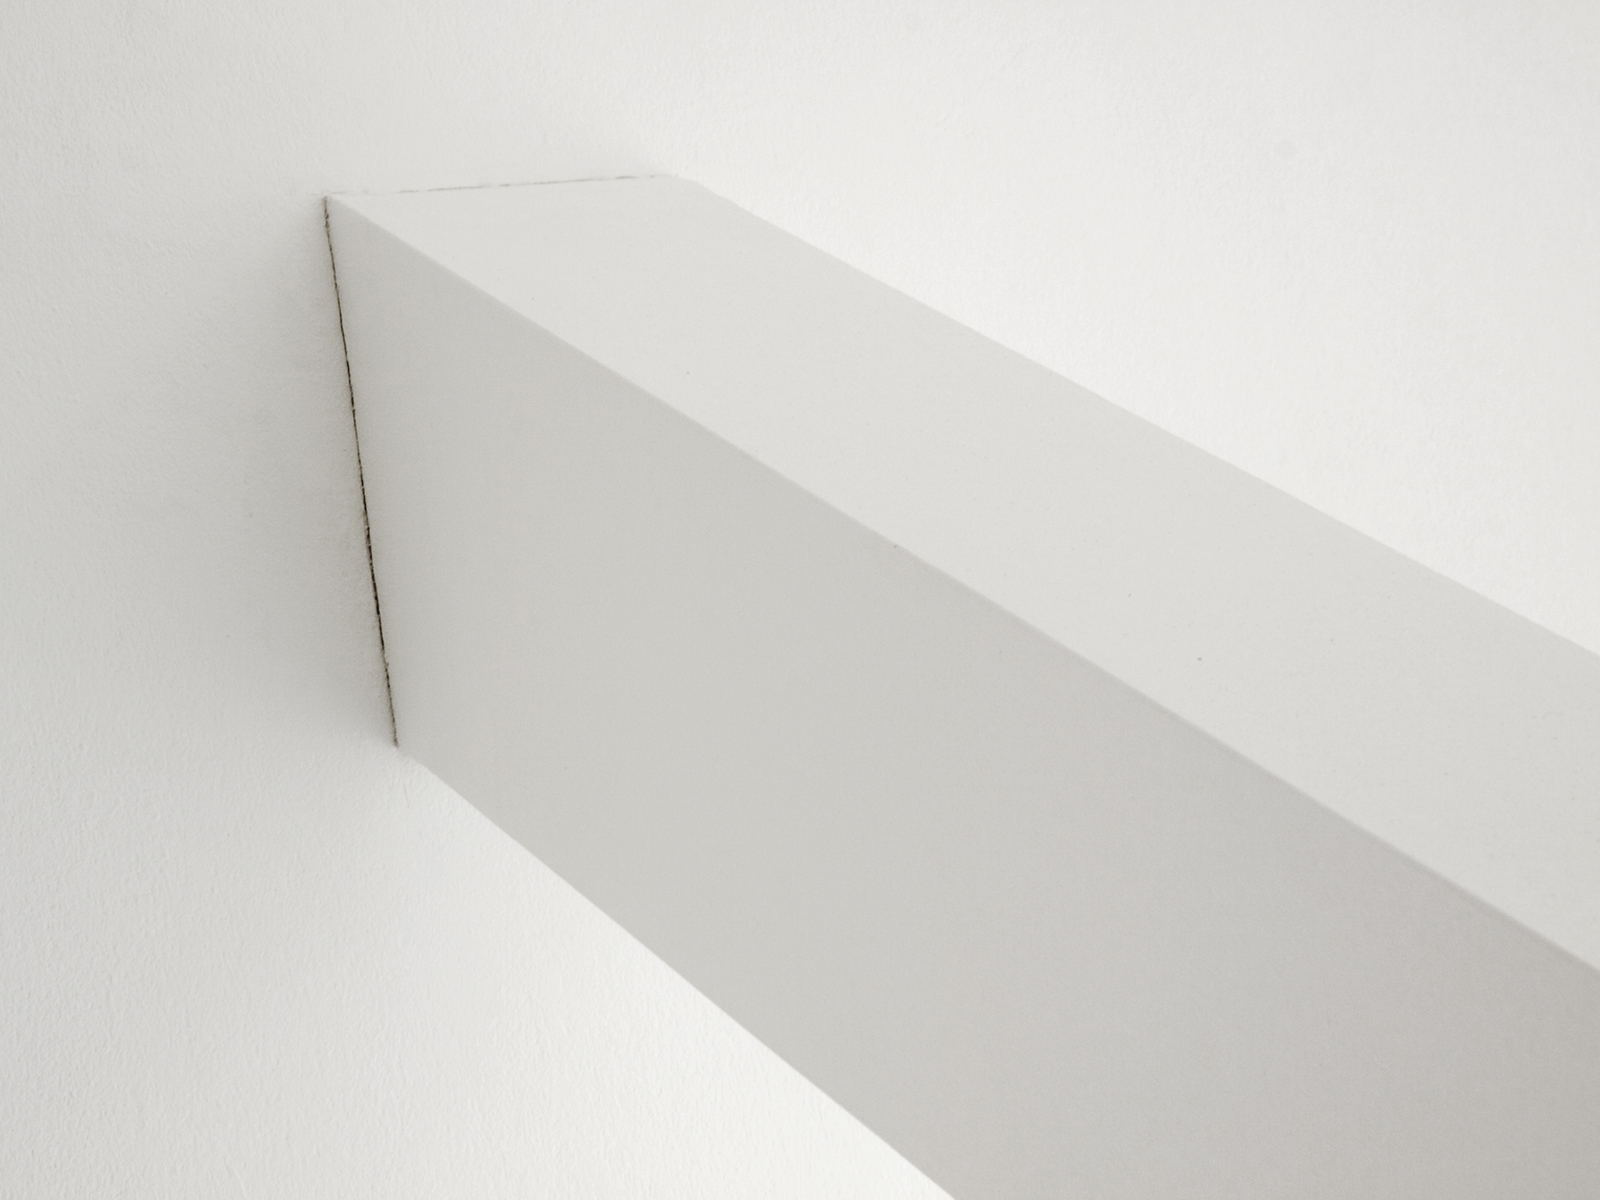 Benoit-Delaunay-artiste-installations-2010-Une Sculpture-12